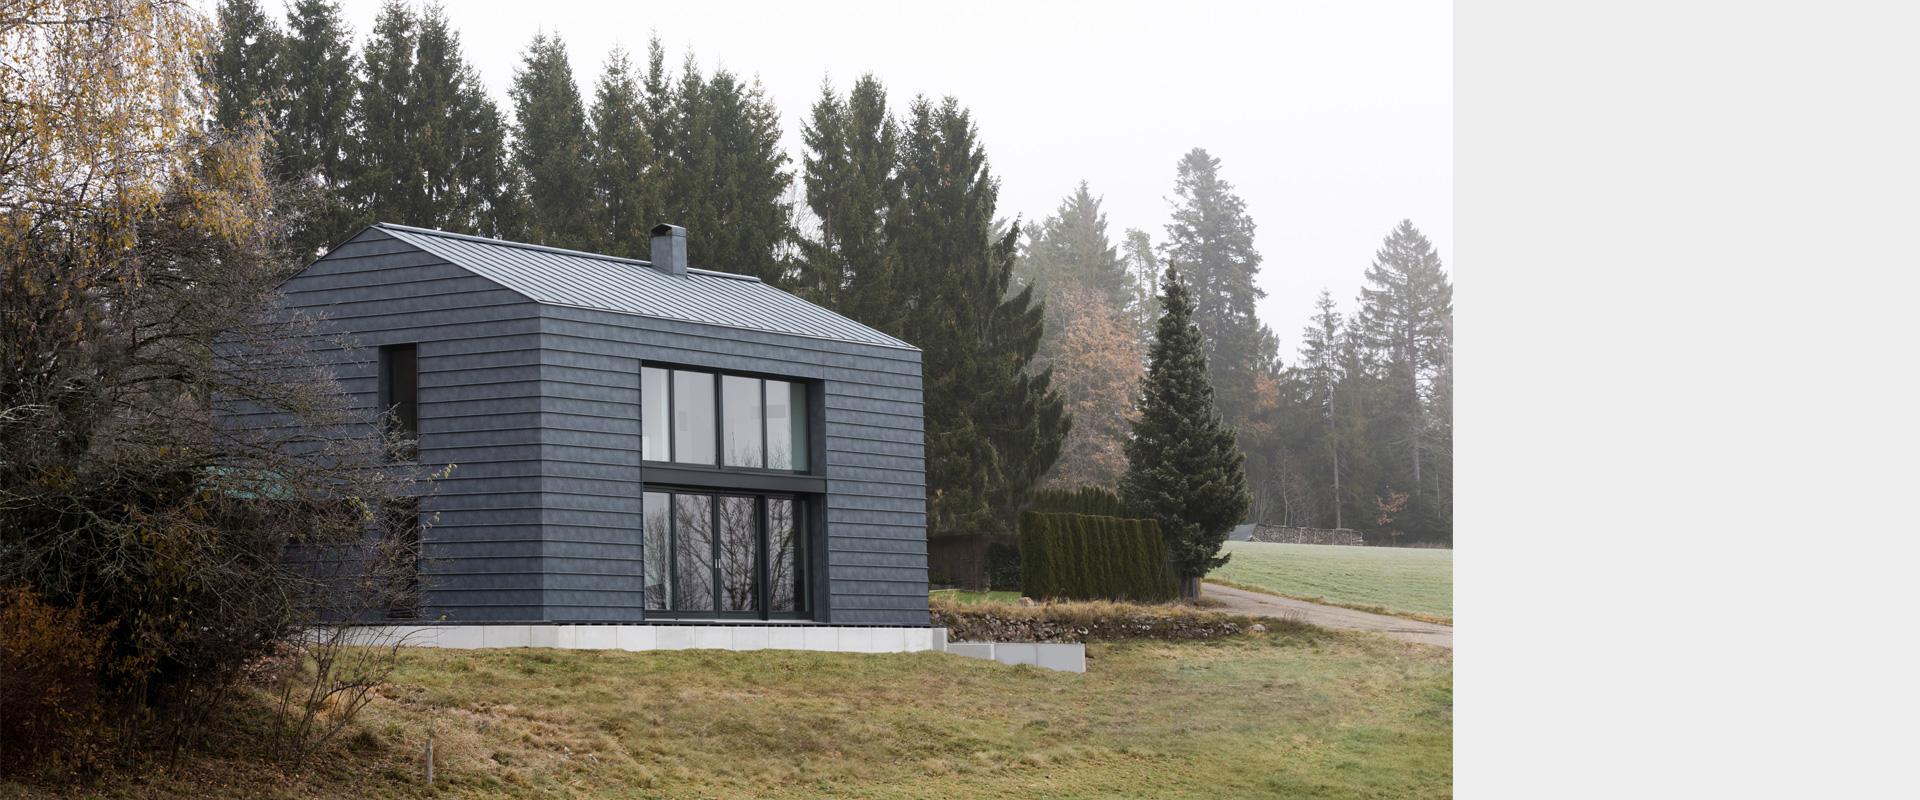 Architekturbüro musahl Waldshut Wohnhaus S. in Oberweschnegg